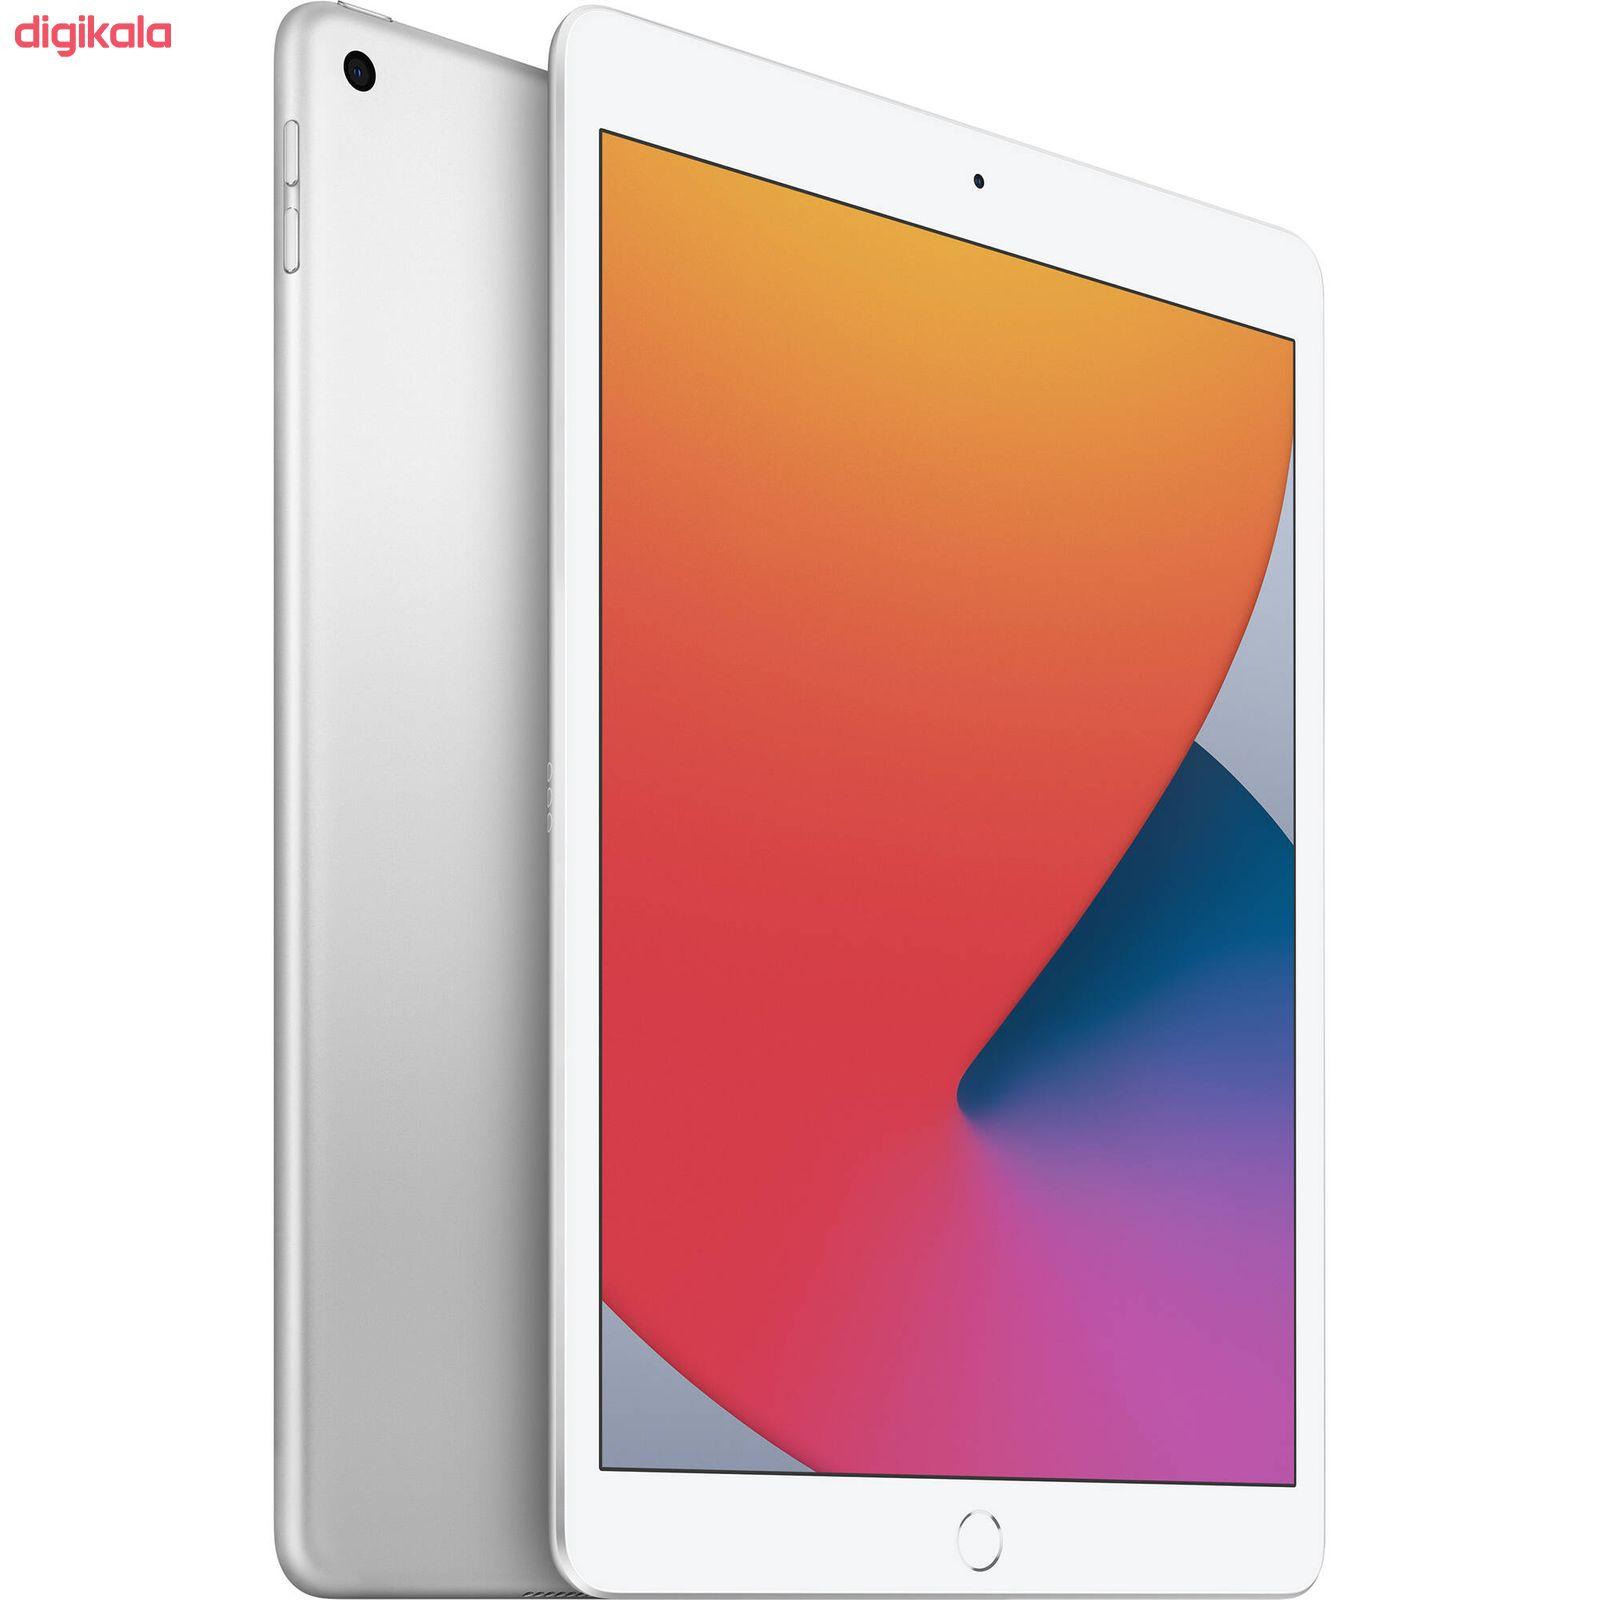 تبلت اپل مدل iPad 10.2 inch 2020 WiFi ظرفیت 128 گیگابایت  main 1 7